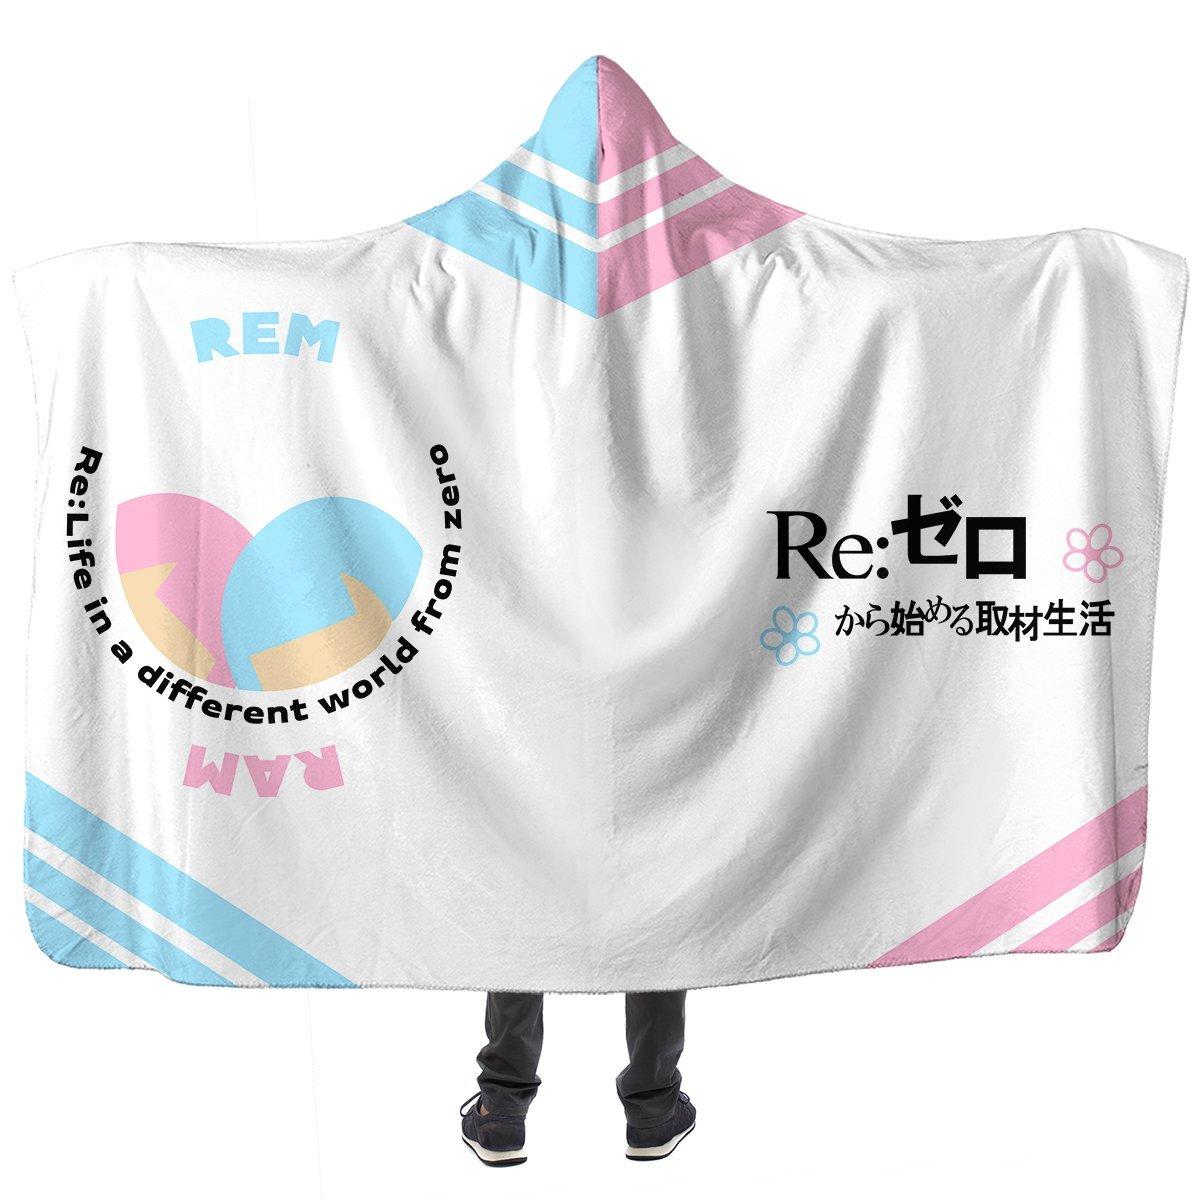 Re: Zero Rem Ram Hooded Blanket Official Merch FDM3009 Child Official Otaku Treat Merch